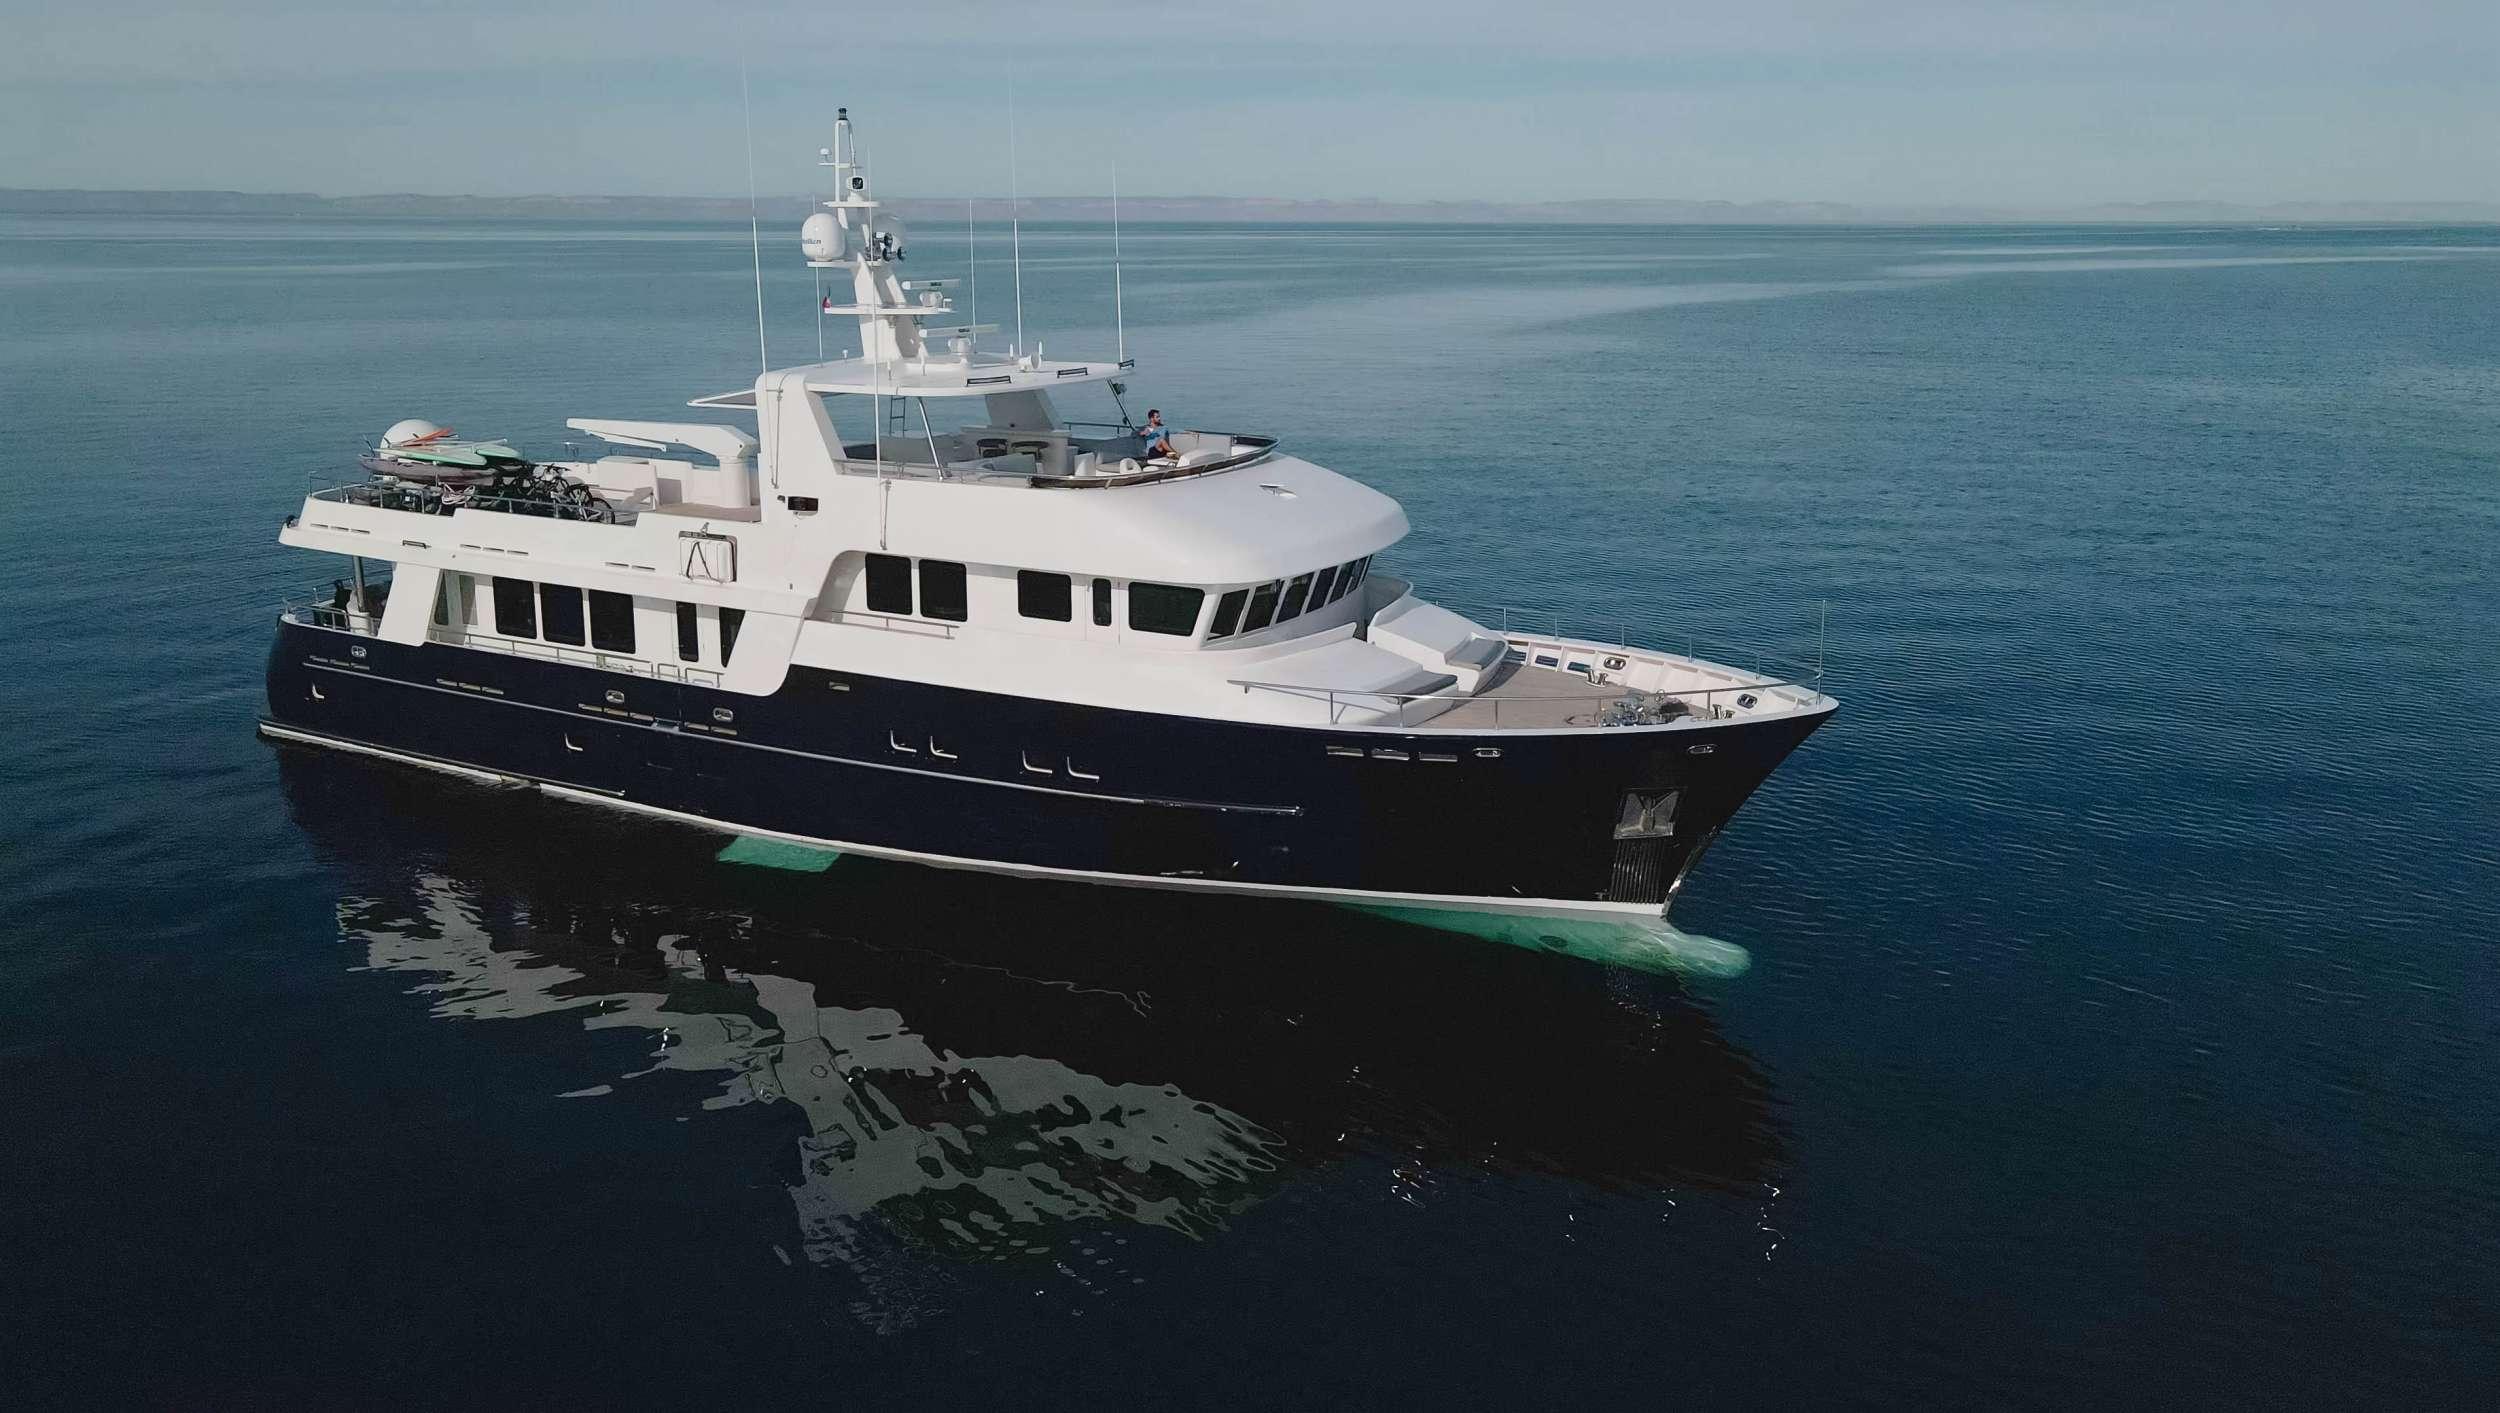 Main image of Samsara yacht